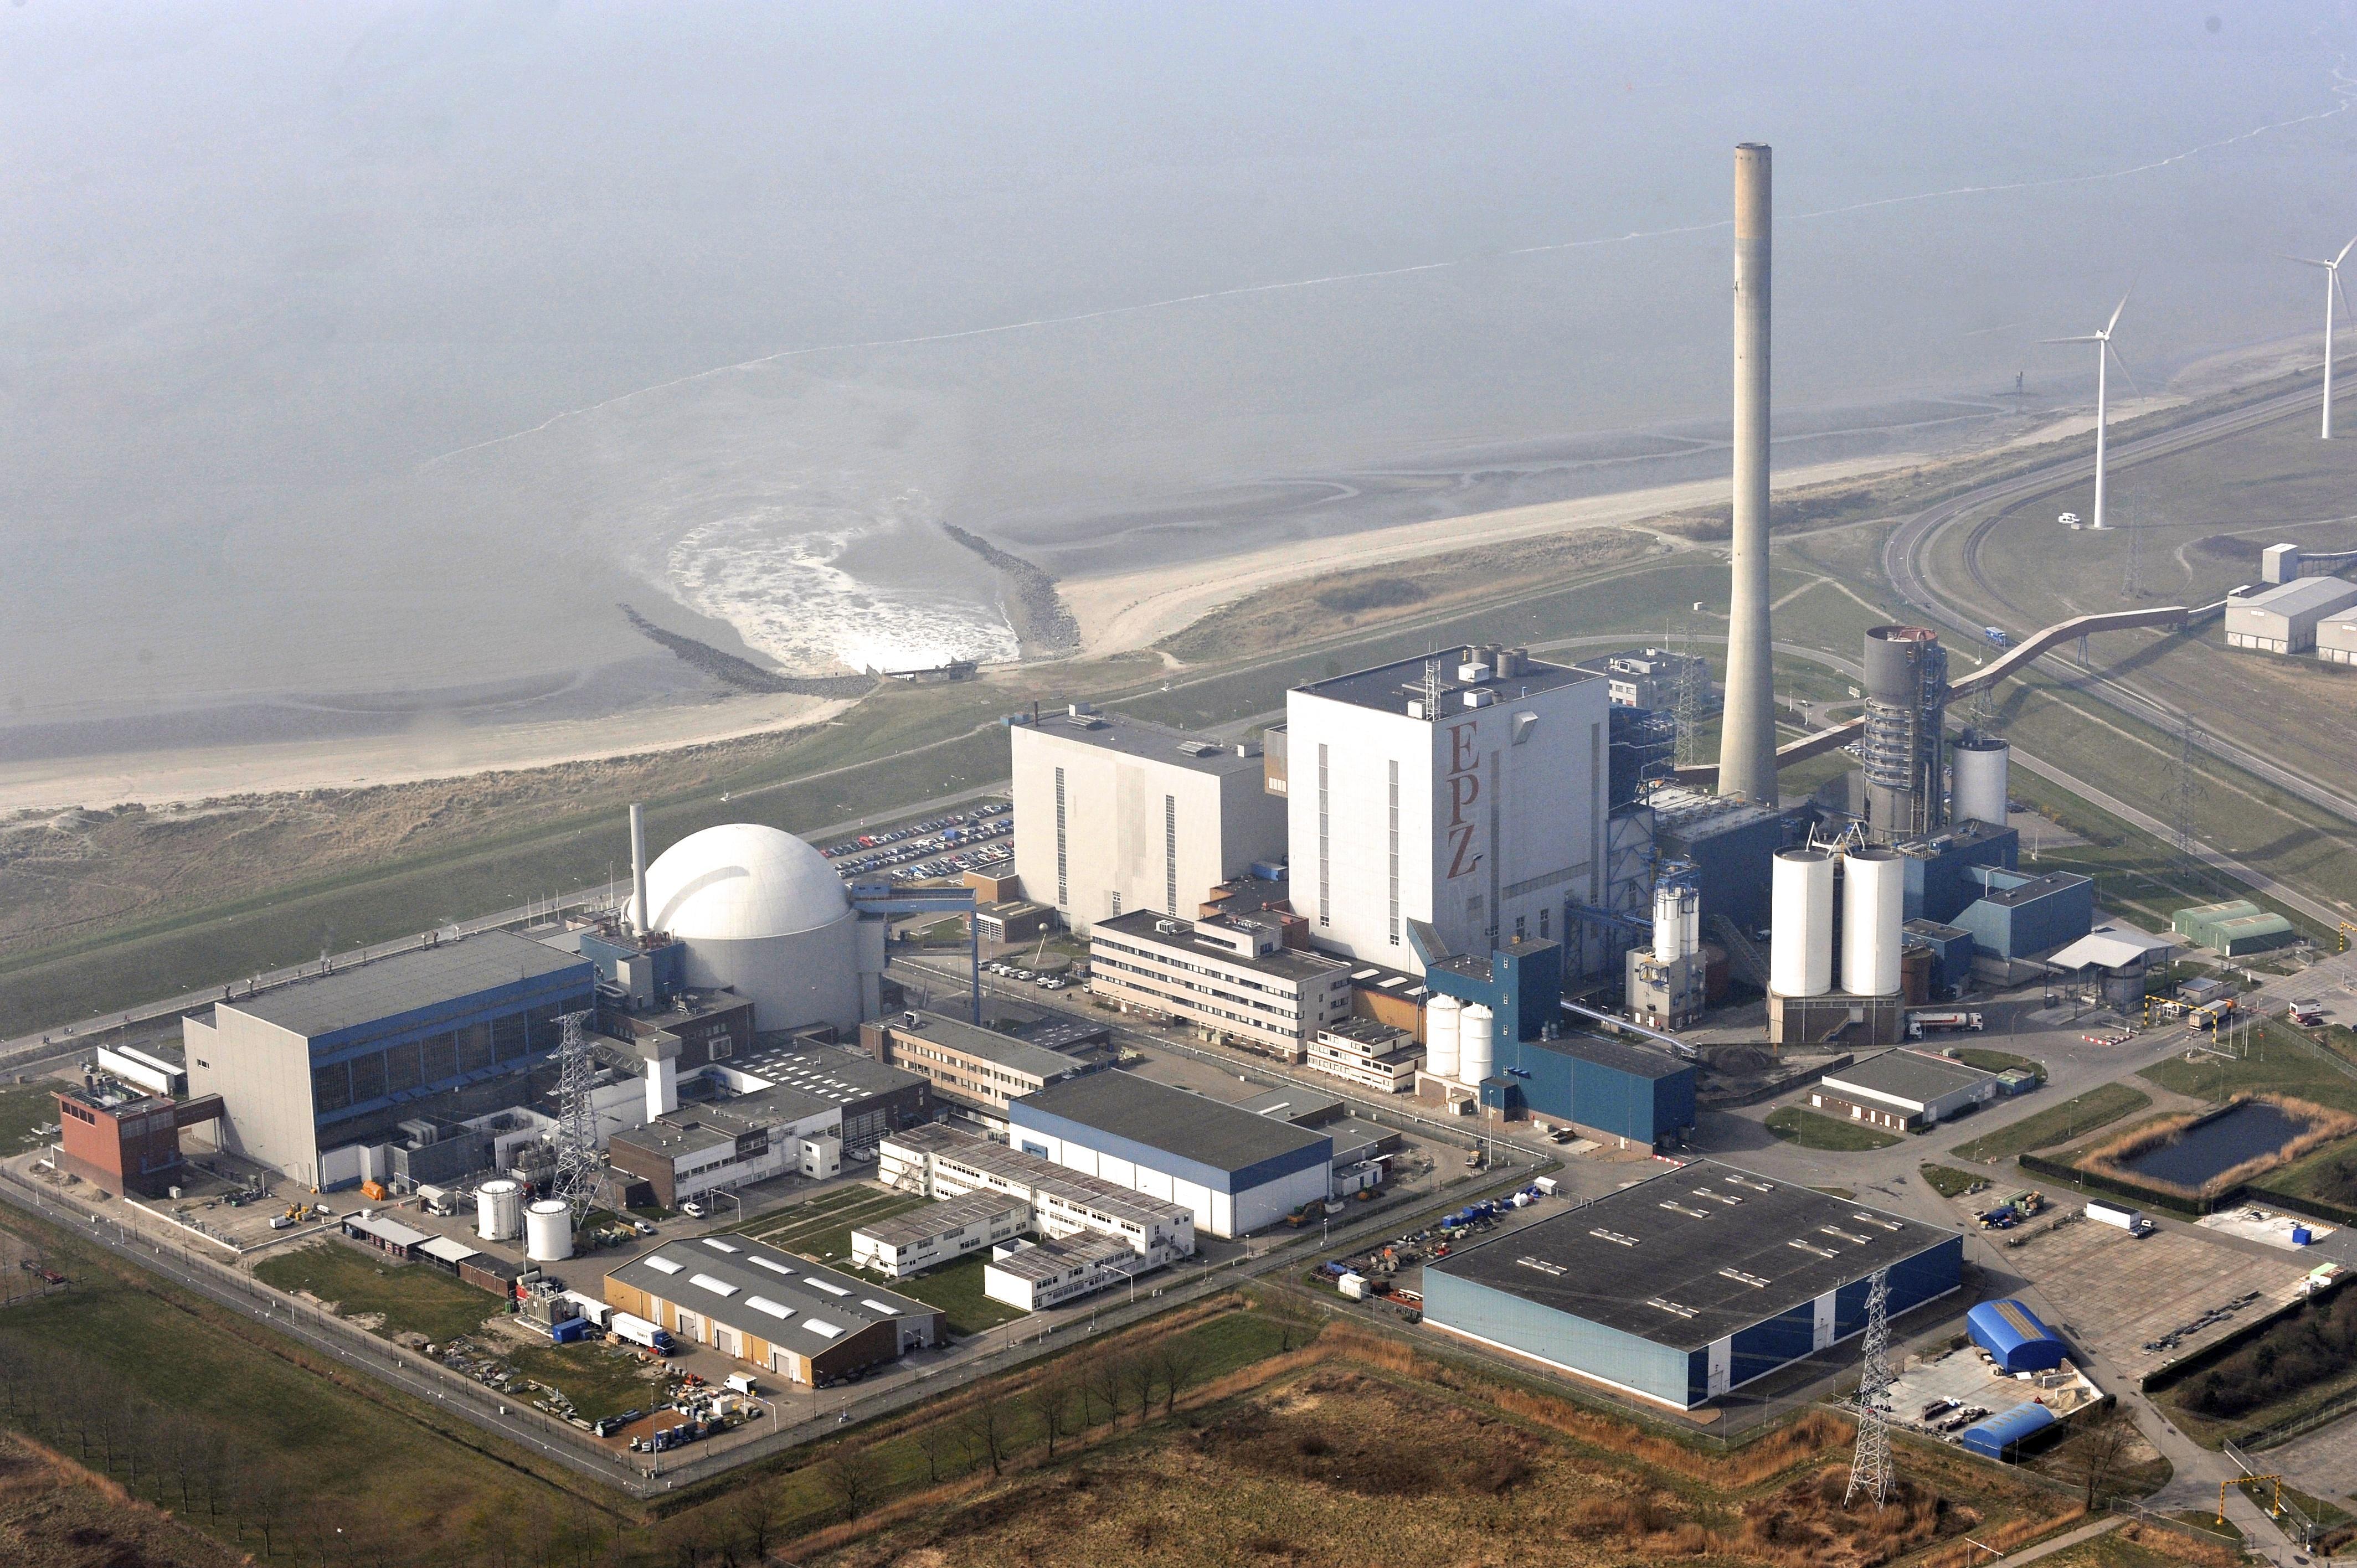 In Den Haag wordt openlijk over kernenergie gesproken, maar het debat moet nog loskomen - Commentaar